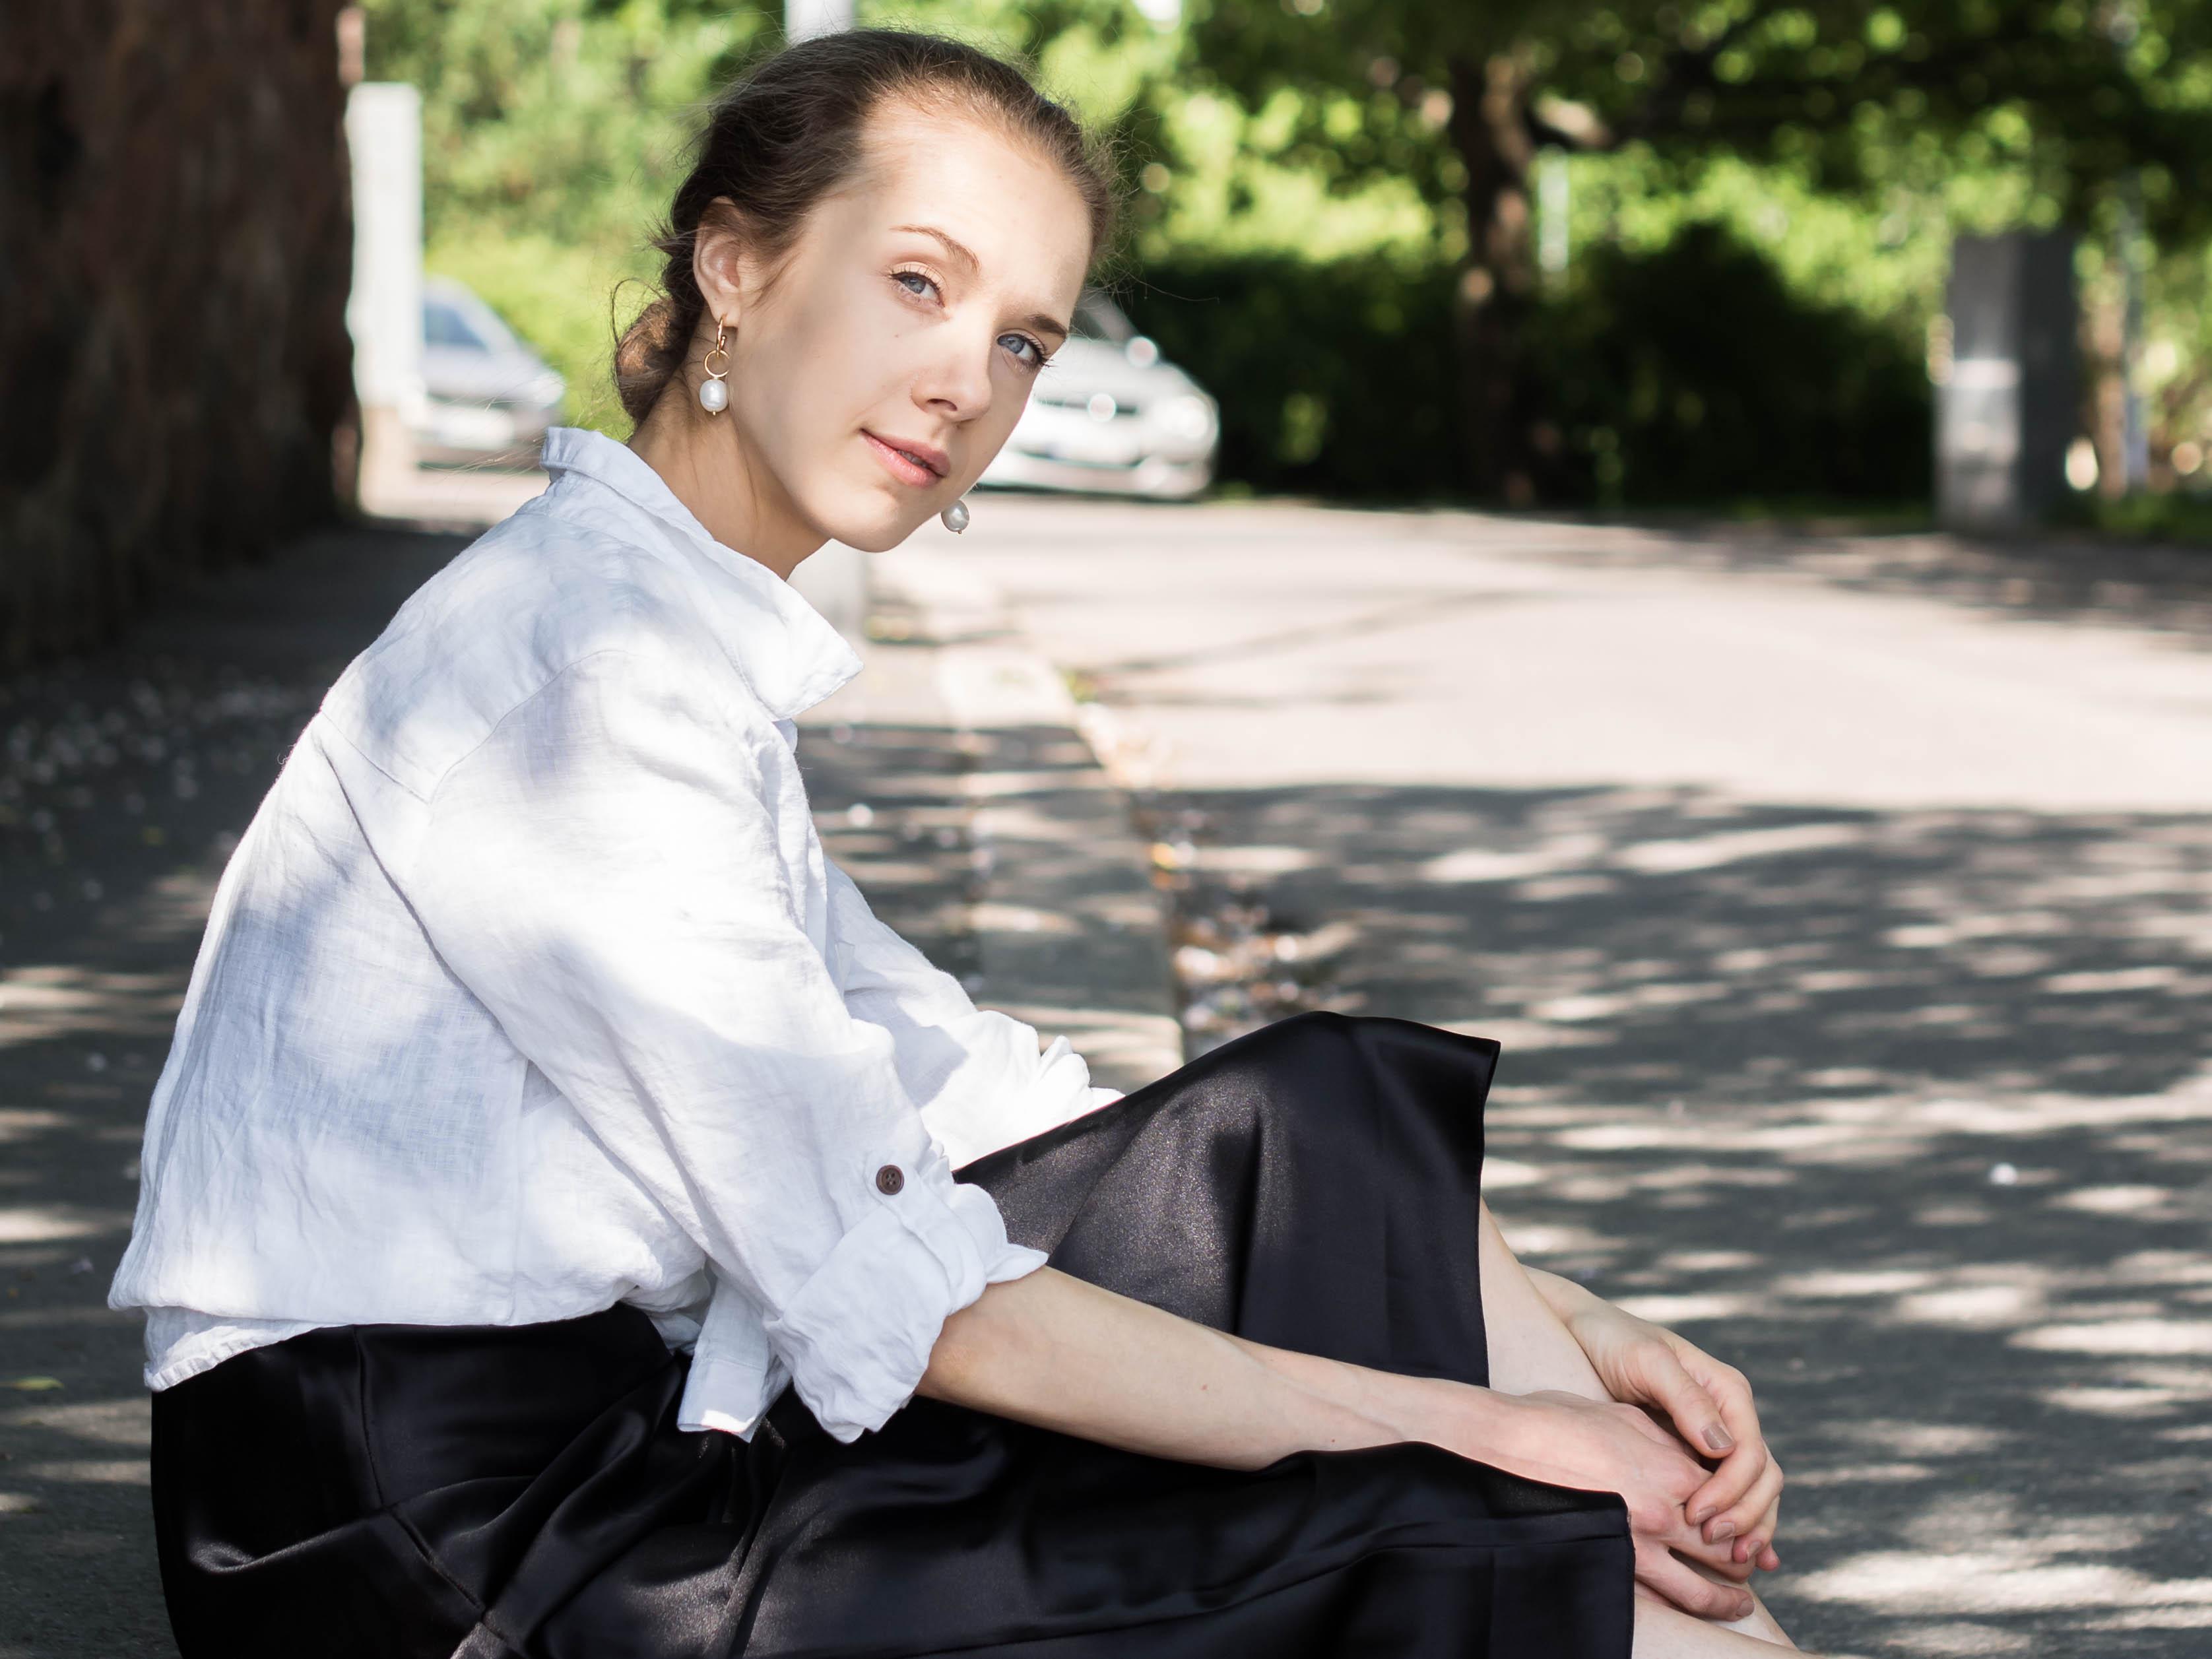 Black slip dress and white linen shirt outfit - Musta silkkimekko, pellvapaita, asuinspiraatio, kesämuoti, bloggaaja